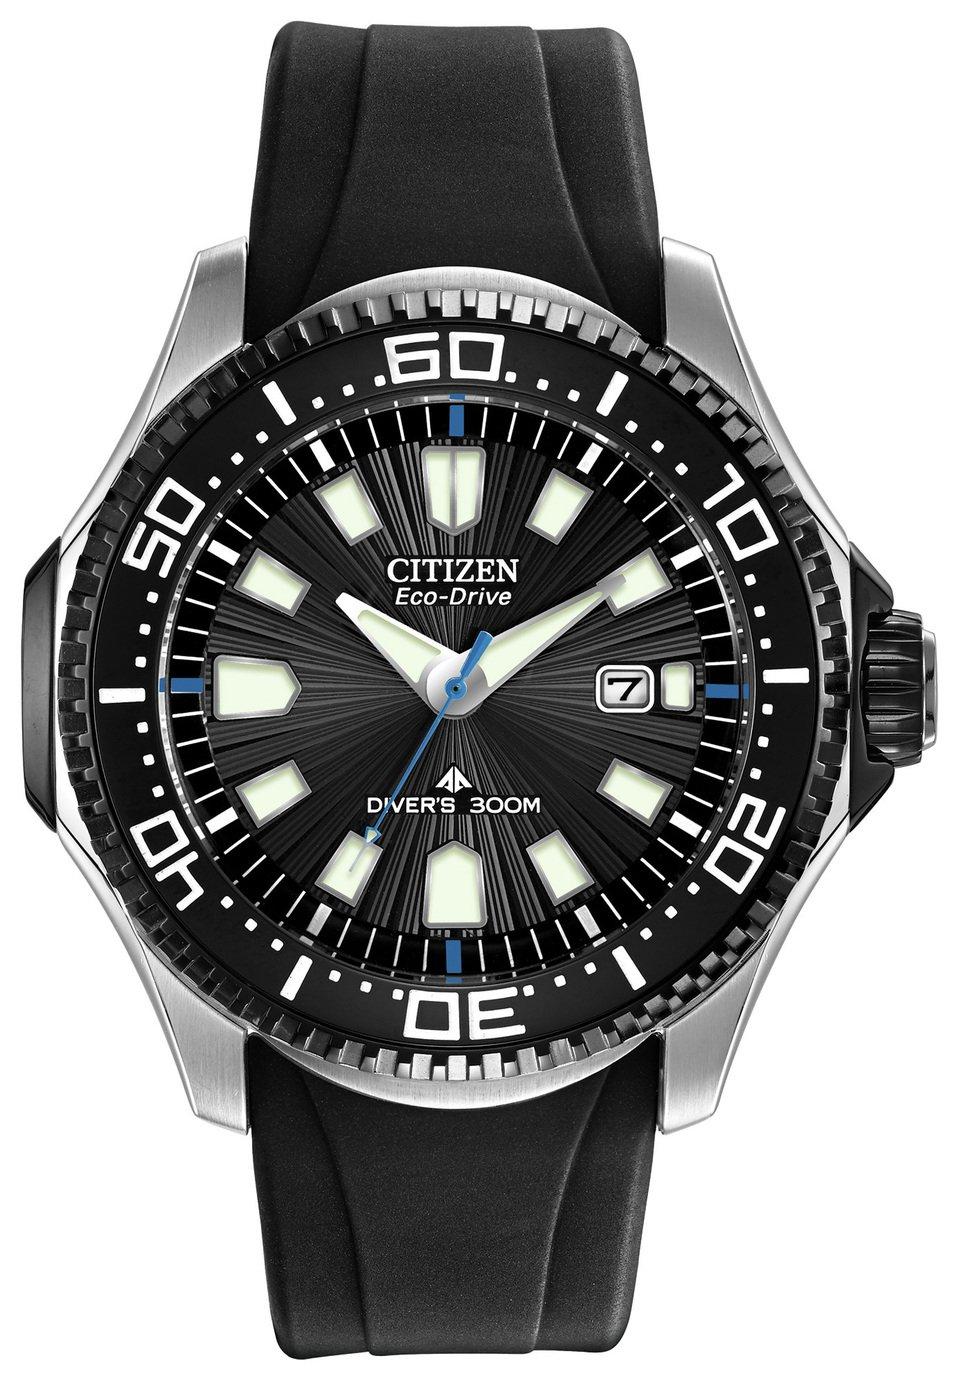 Citizen Eco-Drive Promaster Men's Diver Black Silicone Strap Watch - £149.99 (Free C&C) @ Argos